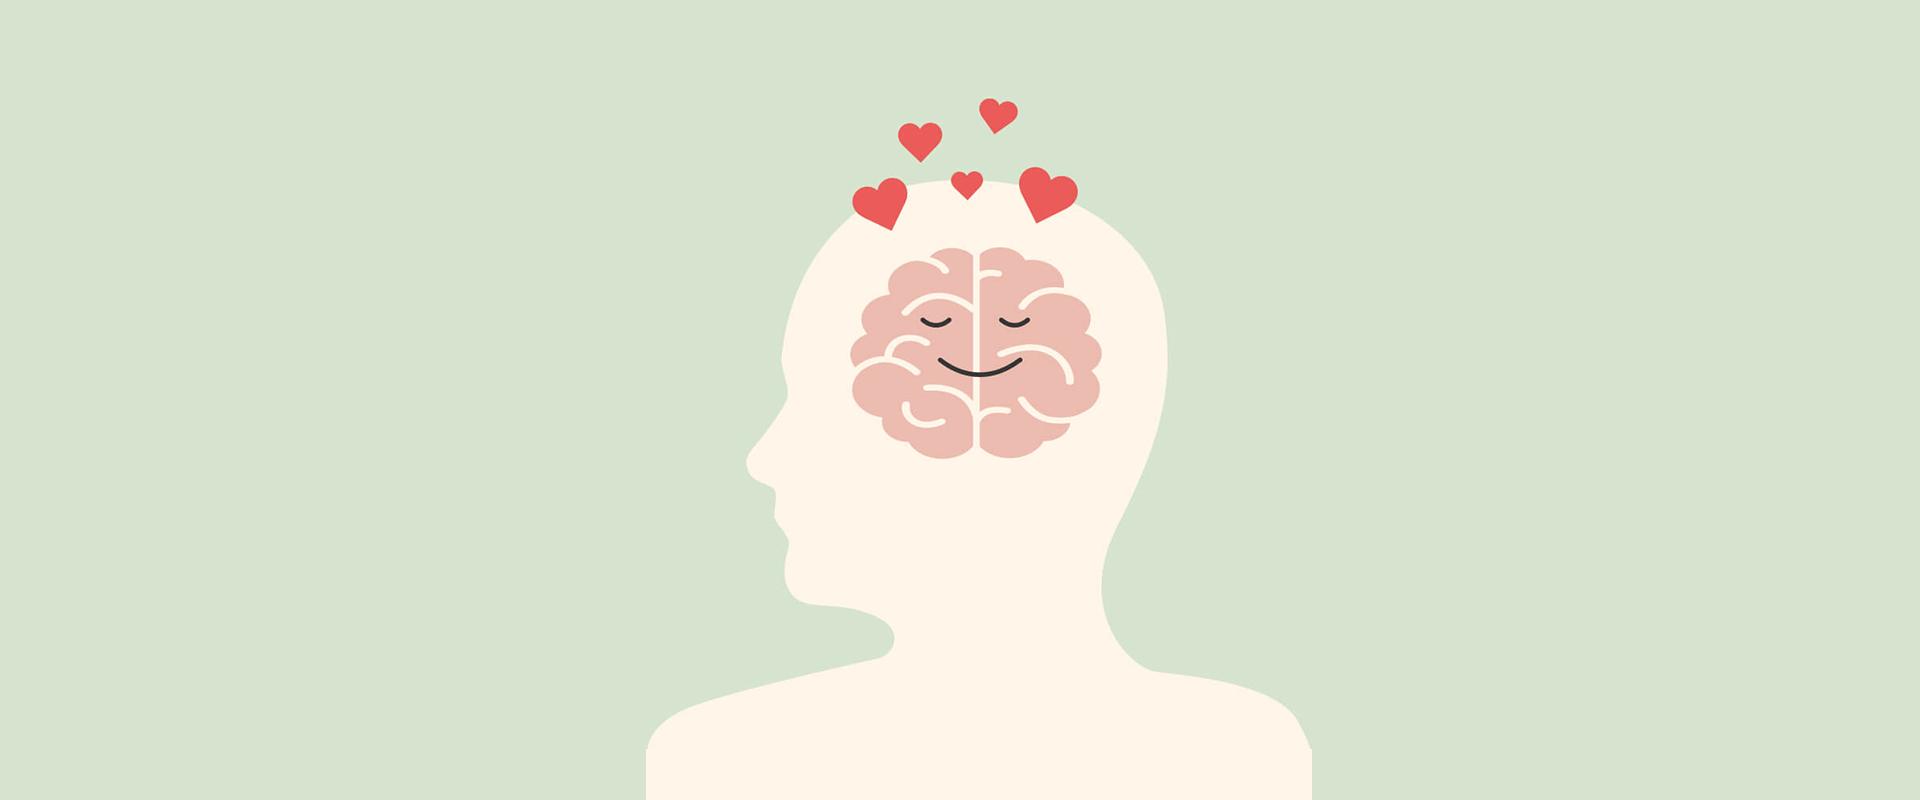 Cek Mental Health Online Gratis Dengan Kalkulator Kesehatan Mental